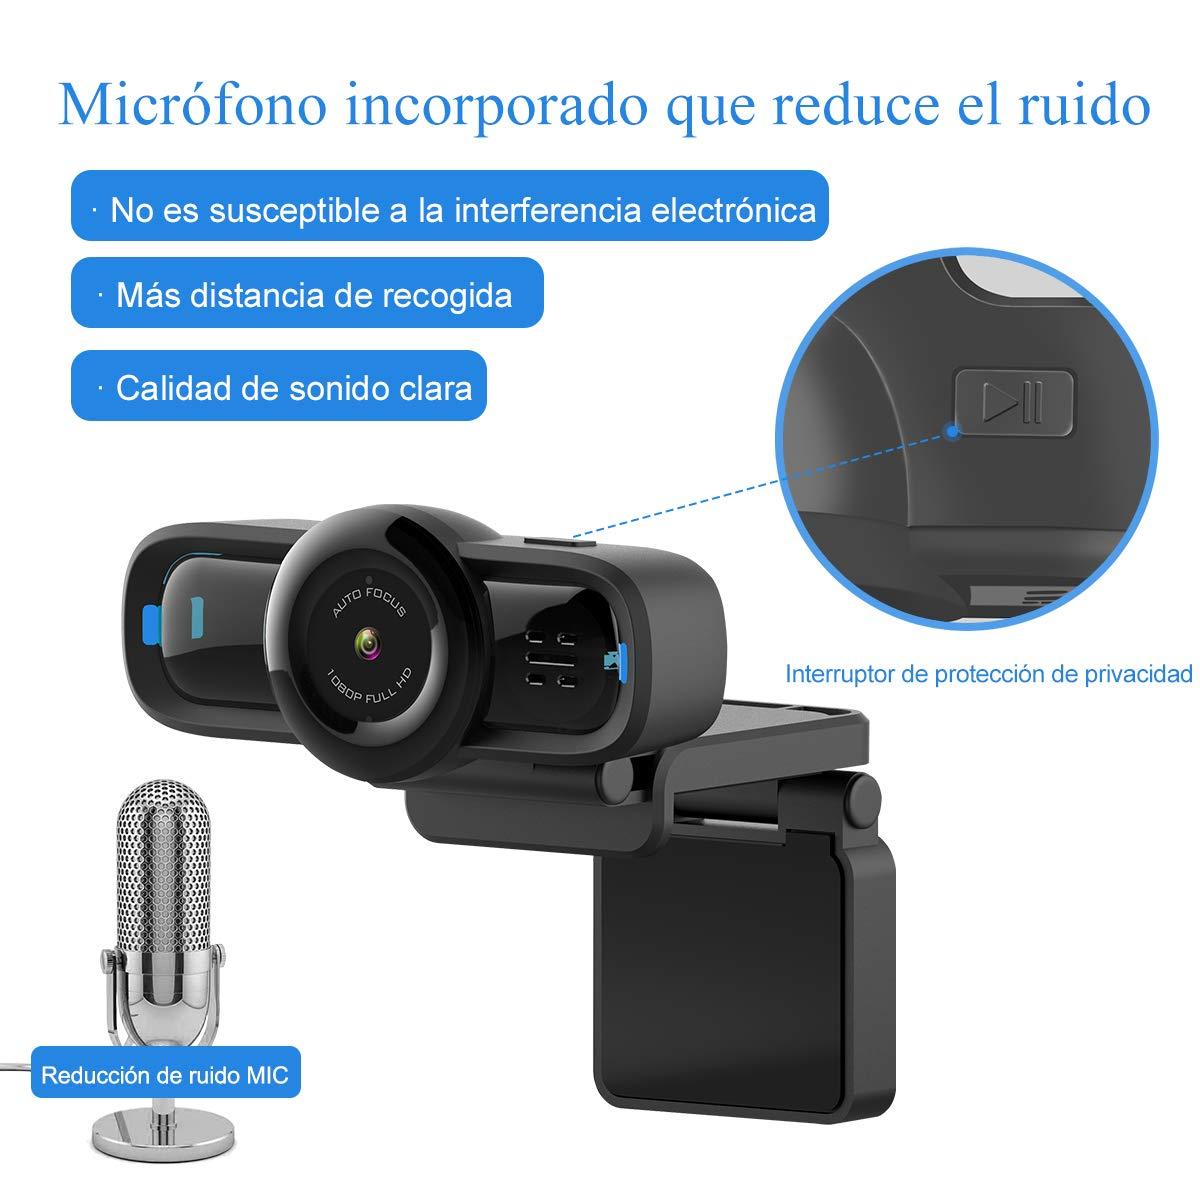 Clip Girevole Flessibile W1C Nero USB Desktop e Laptop Webcam Dericam 720P HD Live Streaming Webcam Mini Plug And Play Videocamera per videochiamate Microfono Incorporato